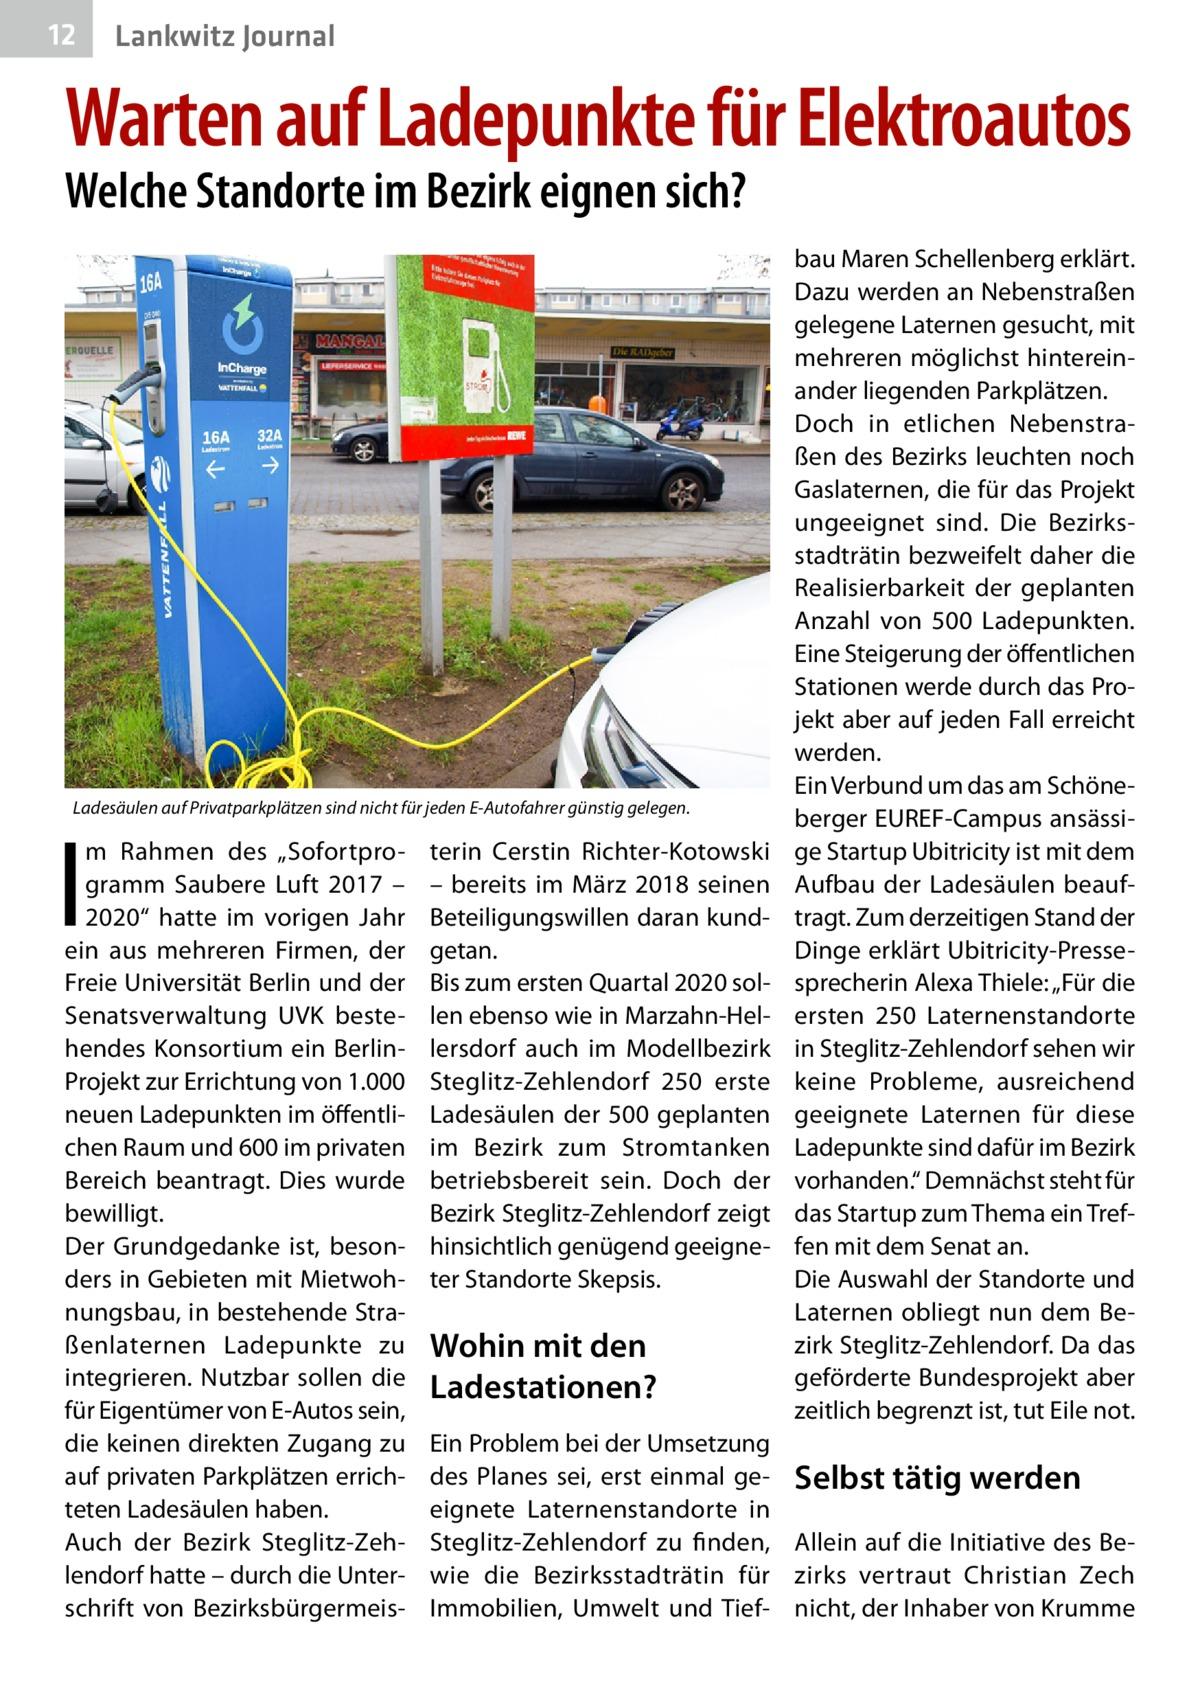 """12  Lankwitz Journal  Warten auf Ladepunkte für Elektroautos Welche Standorte im Bezirk eignen sich?  Ladesäulen auf Privatparkplätzen sind nicht für jeden E-Autofahrer günstig gelegen.  I  m Rahmen des """"Sofortprogramm Saubere Luft 2017 – 2020"""" hatte im vorigen Jahr ein aus mehreren Firmen, der Freie Universität Berlin und der Senatsverwaltung UVK bestehendes Konsortium ein BerlinProjekt zur Errichtung von 1.000 neuen Ladepunkten im öffentlichen Raum und 600 im privaten Bereich beantragt. Dies wurde bewilligt. Der Grundgedanke ist, besonders in Gebieten mit Mietwohnungsbau, in bestehende Straßenlaternen Ladepunkte zu integrieren. Nutzbar sollen die für Eigentümer von E-Autos sein, die keinen direkten Zugang zu auf privaten Parkplätzen errichteten Ladesäulen haben. Auch der Bezirk Steglitz-Zehlendorf hatte – durch die Unterschrift von Bezirksbürgermeis terin Cerstin Richter-Kotowski – bereits im März 2018 seinen Beteiligungswillen daran kundgetan. Bis zum ersten Quartal 2020 sollen ebenso wie in Marzahn-Hellersdorf auch im Modellbezirk Steglitz-Zehlendorf 250 erste Ladesäulen der 500 geplanten im Bezirk zum Stromtanken betriebsbereit sein. Doch der Bezirk Steglitz-Zehlendorf zeigt hinsichtlich genügend geeigneter Standorte Skepsis.  Wohin mit den Ladestationen?  bau Maren Schellenberg erklärt. Dazu werden an Nebenstraßen gelegene Laternen gesucht, mit mehreren möglichst hintereinander liegenden Parkplätzen. Doch in etlichen Nebenstraßen des Bezirks leuchten noch Gaslaternen, die für das Projekt ungeeignet sind. Die Bezirksstadträtin bezweifelt daher die Realisierbarkeit der geplanten Anzahl von 500 Ladepunkten. Eine Steigerung der öffentlichen Stationen werde durch das Projekt aber auf jeden Fall erreicht werden. Ein Verbund um das am Schöneberger EUREF-Campus ansässige Startup Ubitricity ist mit dem Aufbau der Ladesäulen beauftragt. Zum derzeitigen Stand der Dinge erklärt Ubitricity-Pressesprecherin Alexa Thiele: """"Für die ersten 250 Laternenstandorte in Steglitz-Zeh"""